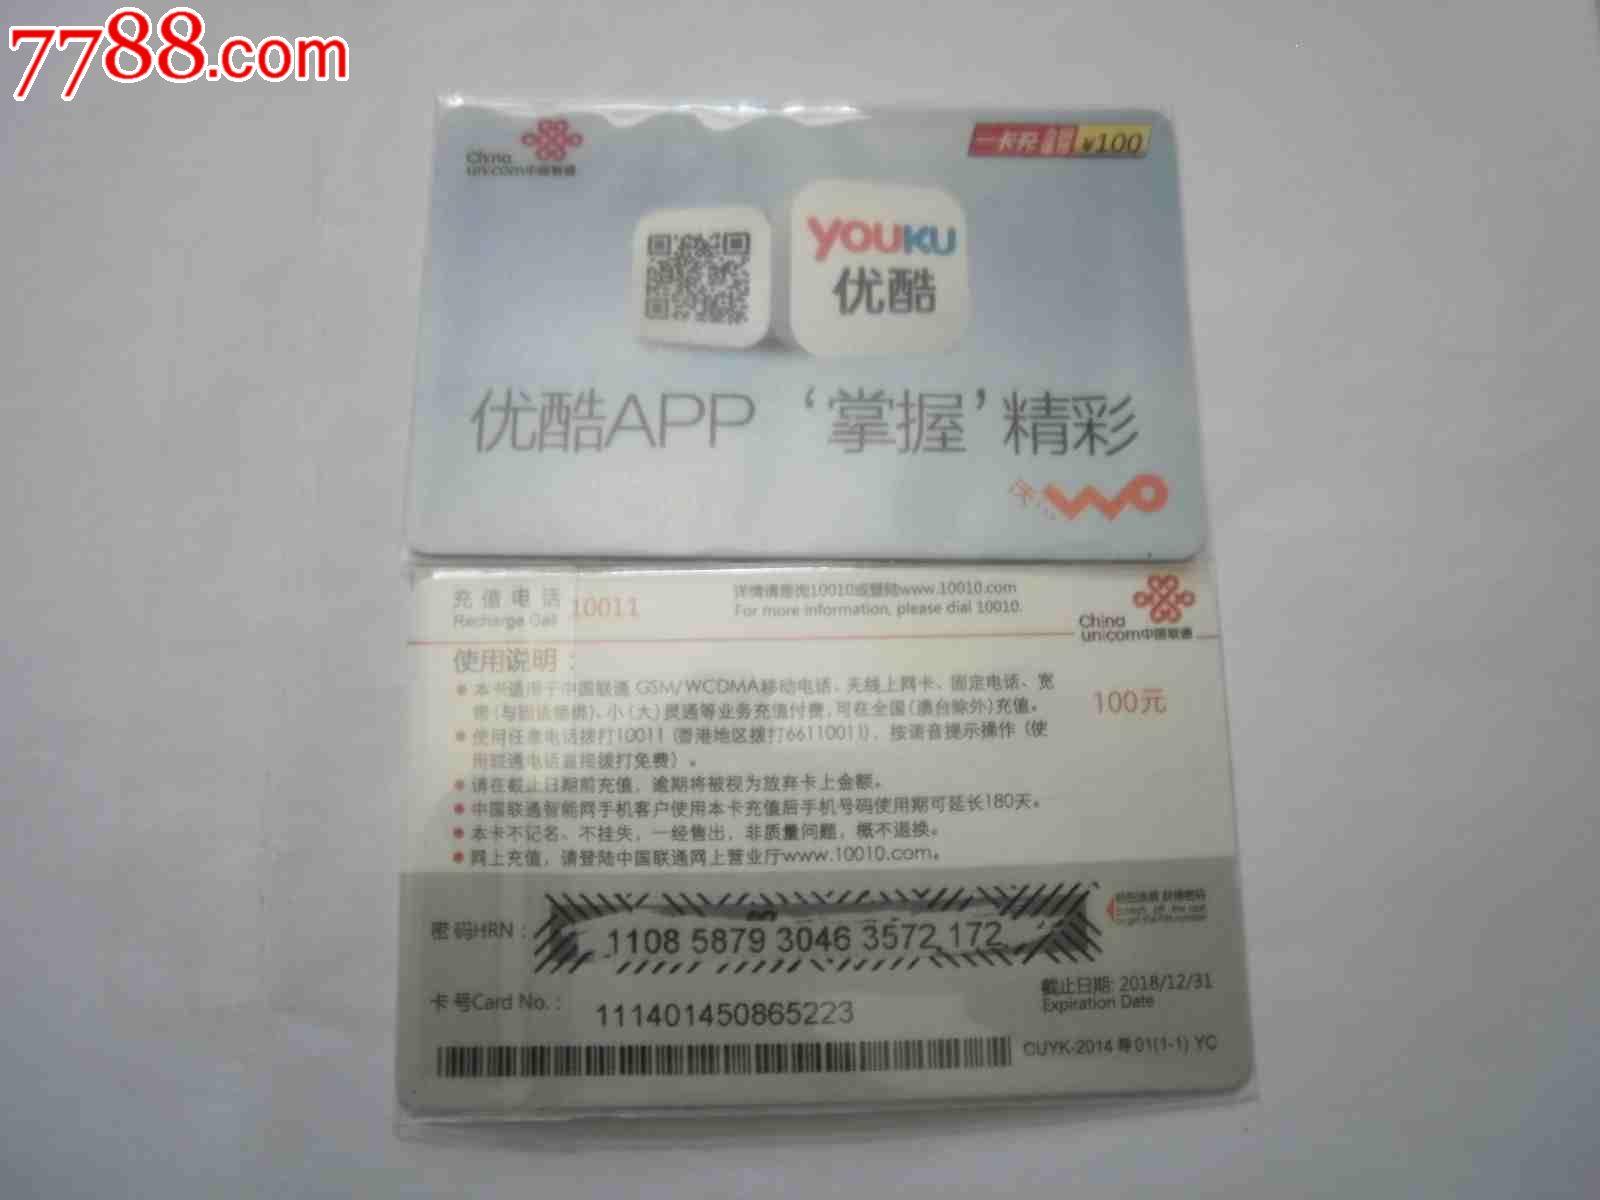 羊羊得意手机充值卡_se23693511,003 品种: ip卡/密码卡-ip卡/密码卡 属性: 手机充值卡